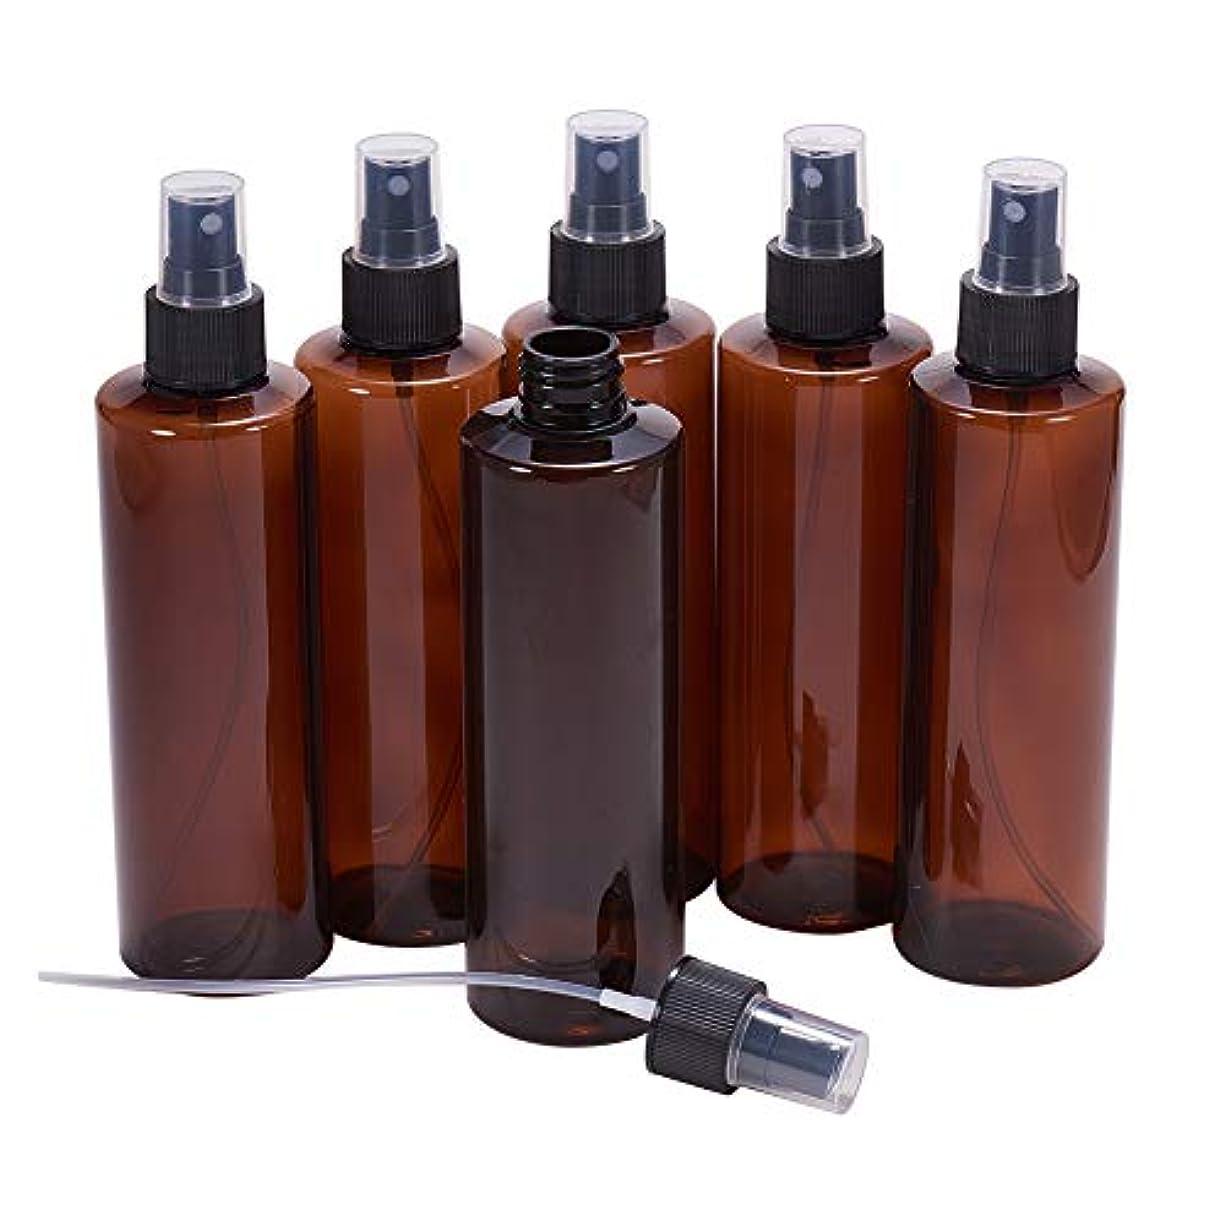 酸化物吸収剤アラブ人BENECREAT 250mlスプレーボトル 6個セット遮光瓶 小分けボトル プラスチック容器 液体用空ボトル 押し式詰替用ボトル 詰め替え シャンプー クリーム 化粧品 収納瓶